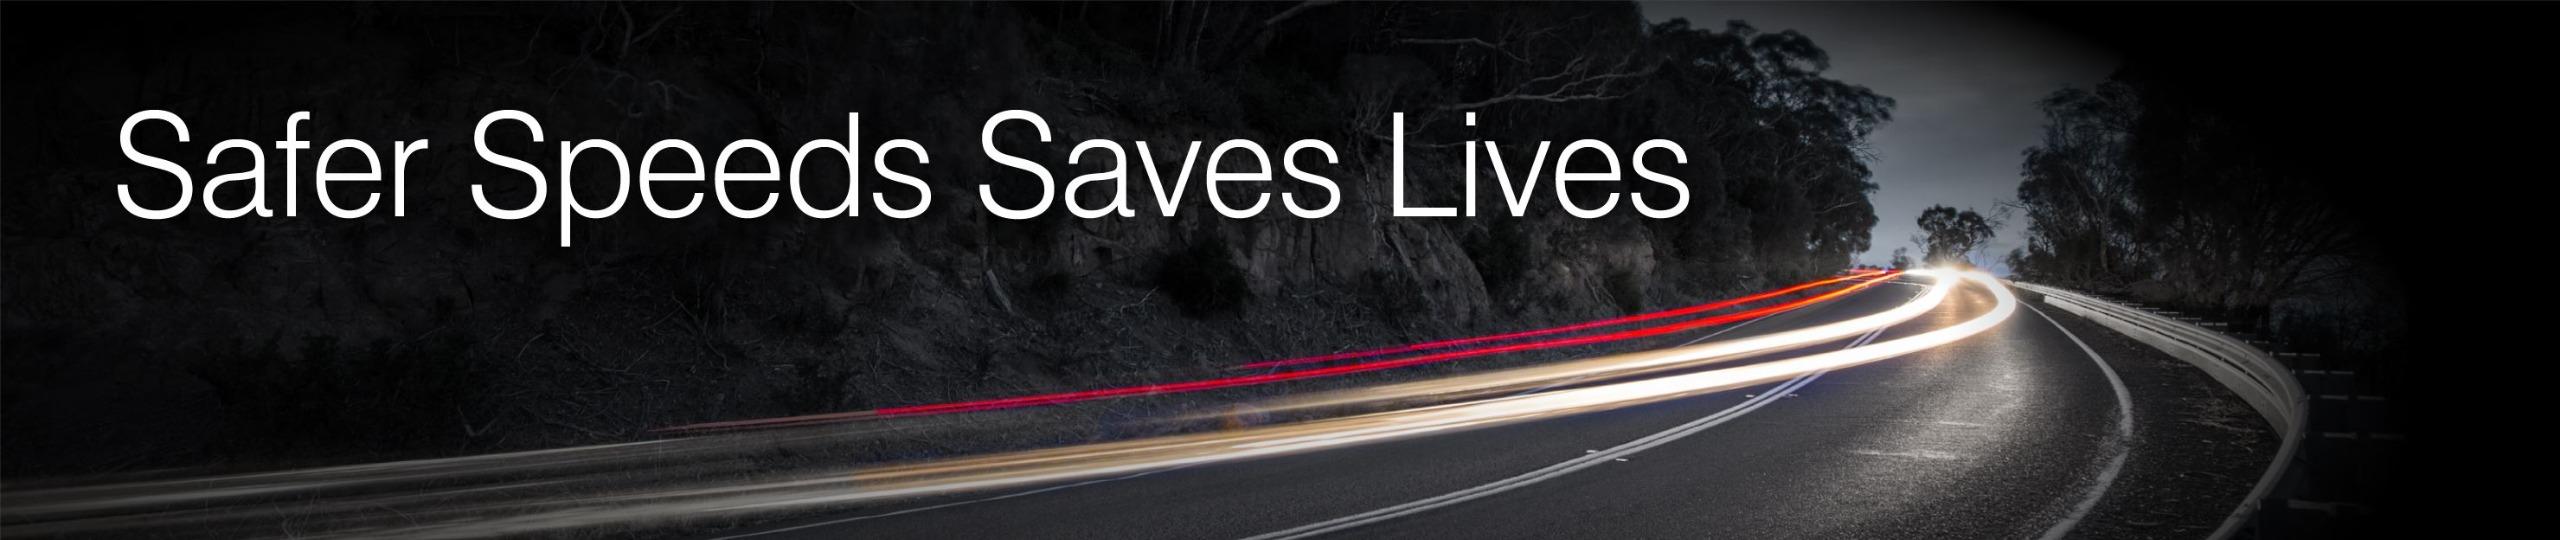 Safer Speeds Save Lives banner